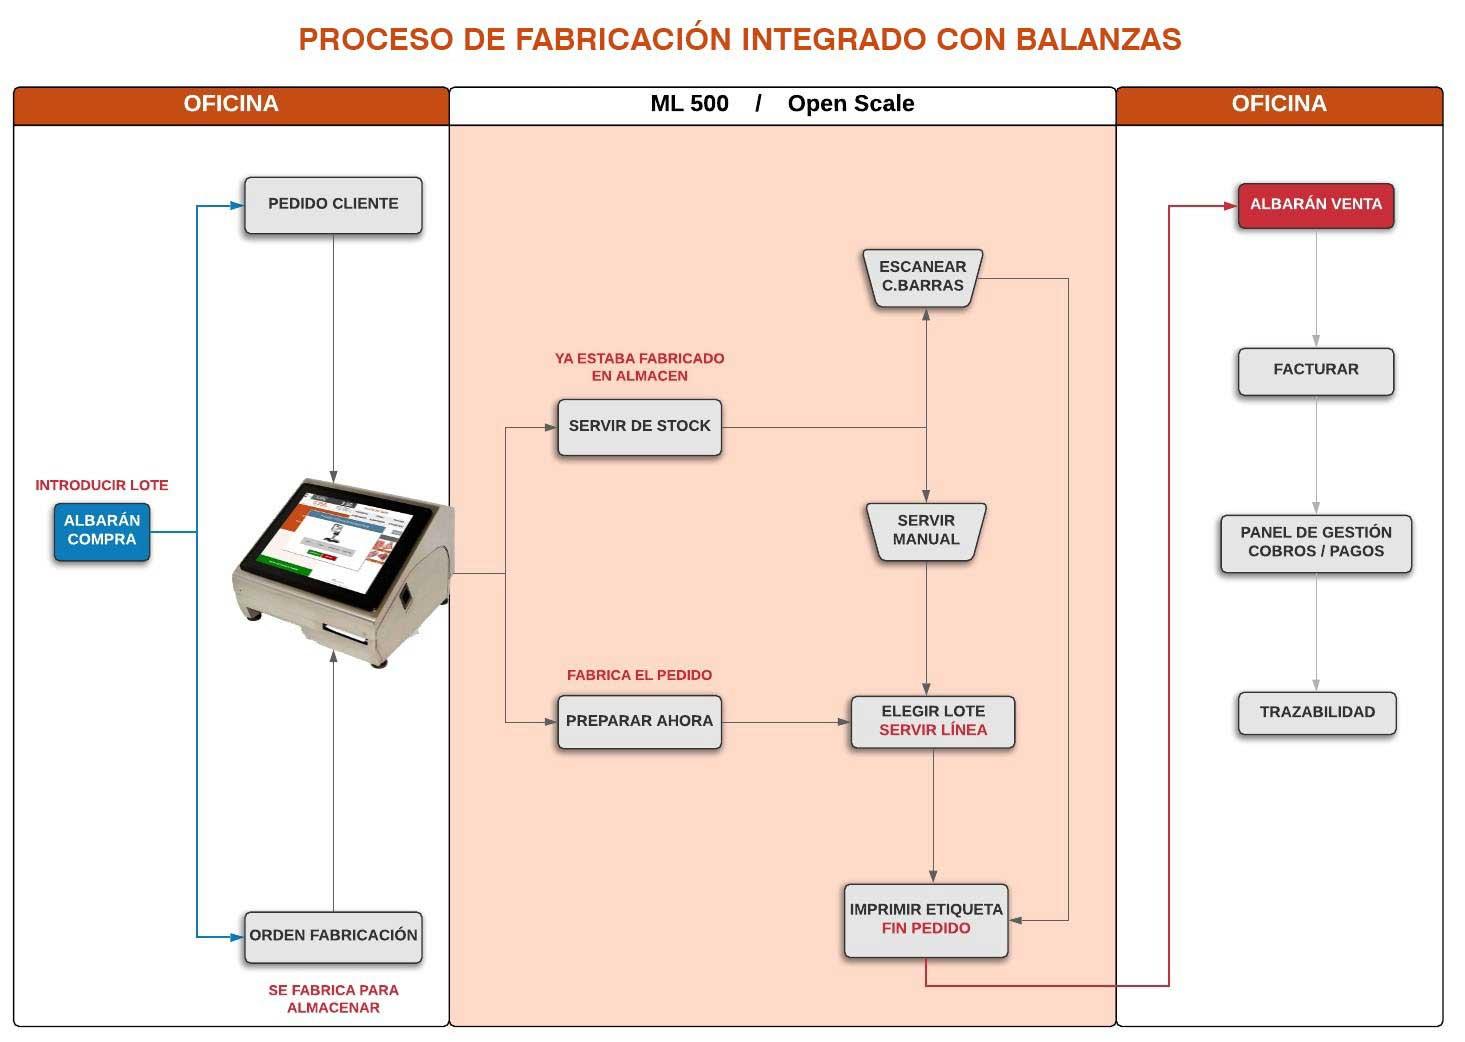 Proceso de fabricación integrado con balanzas TouchDominusScale